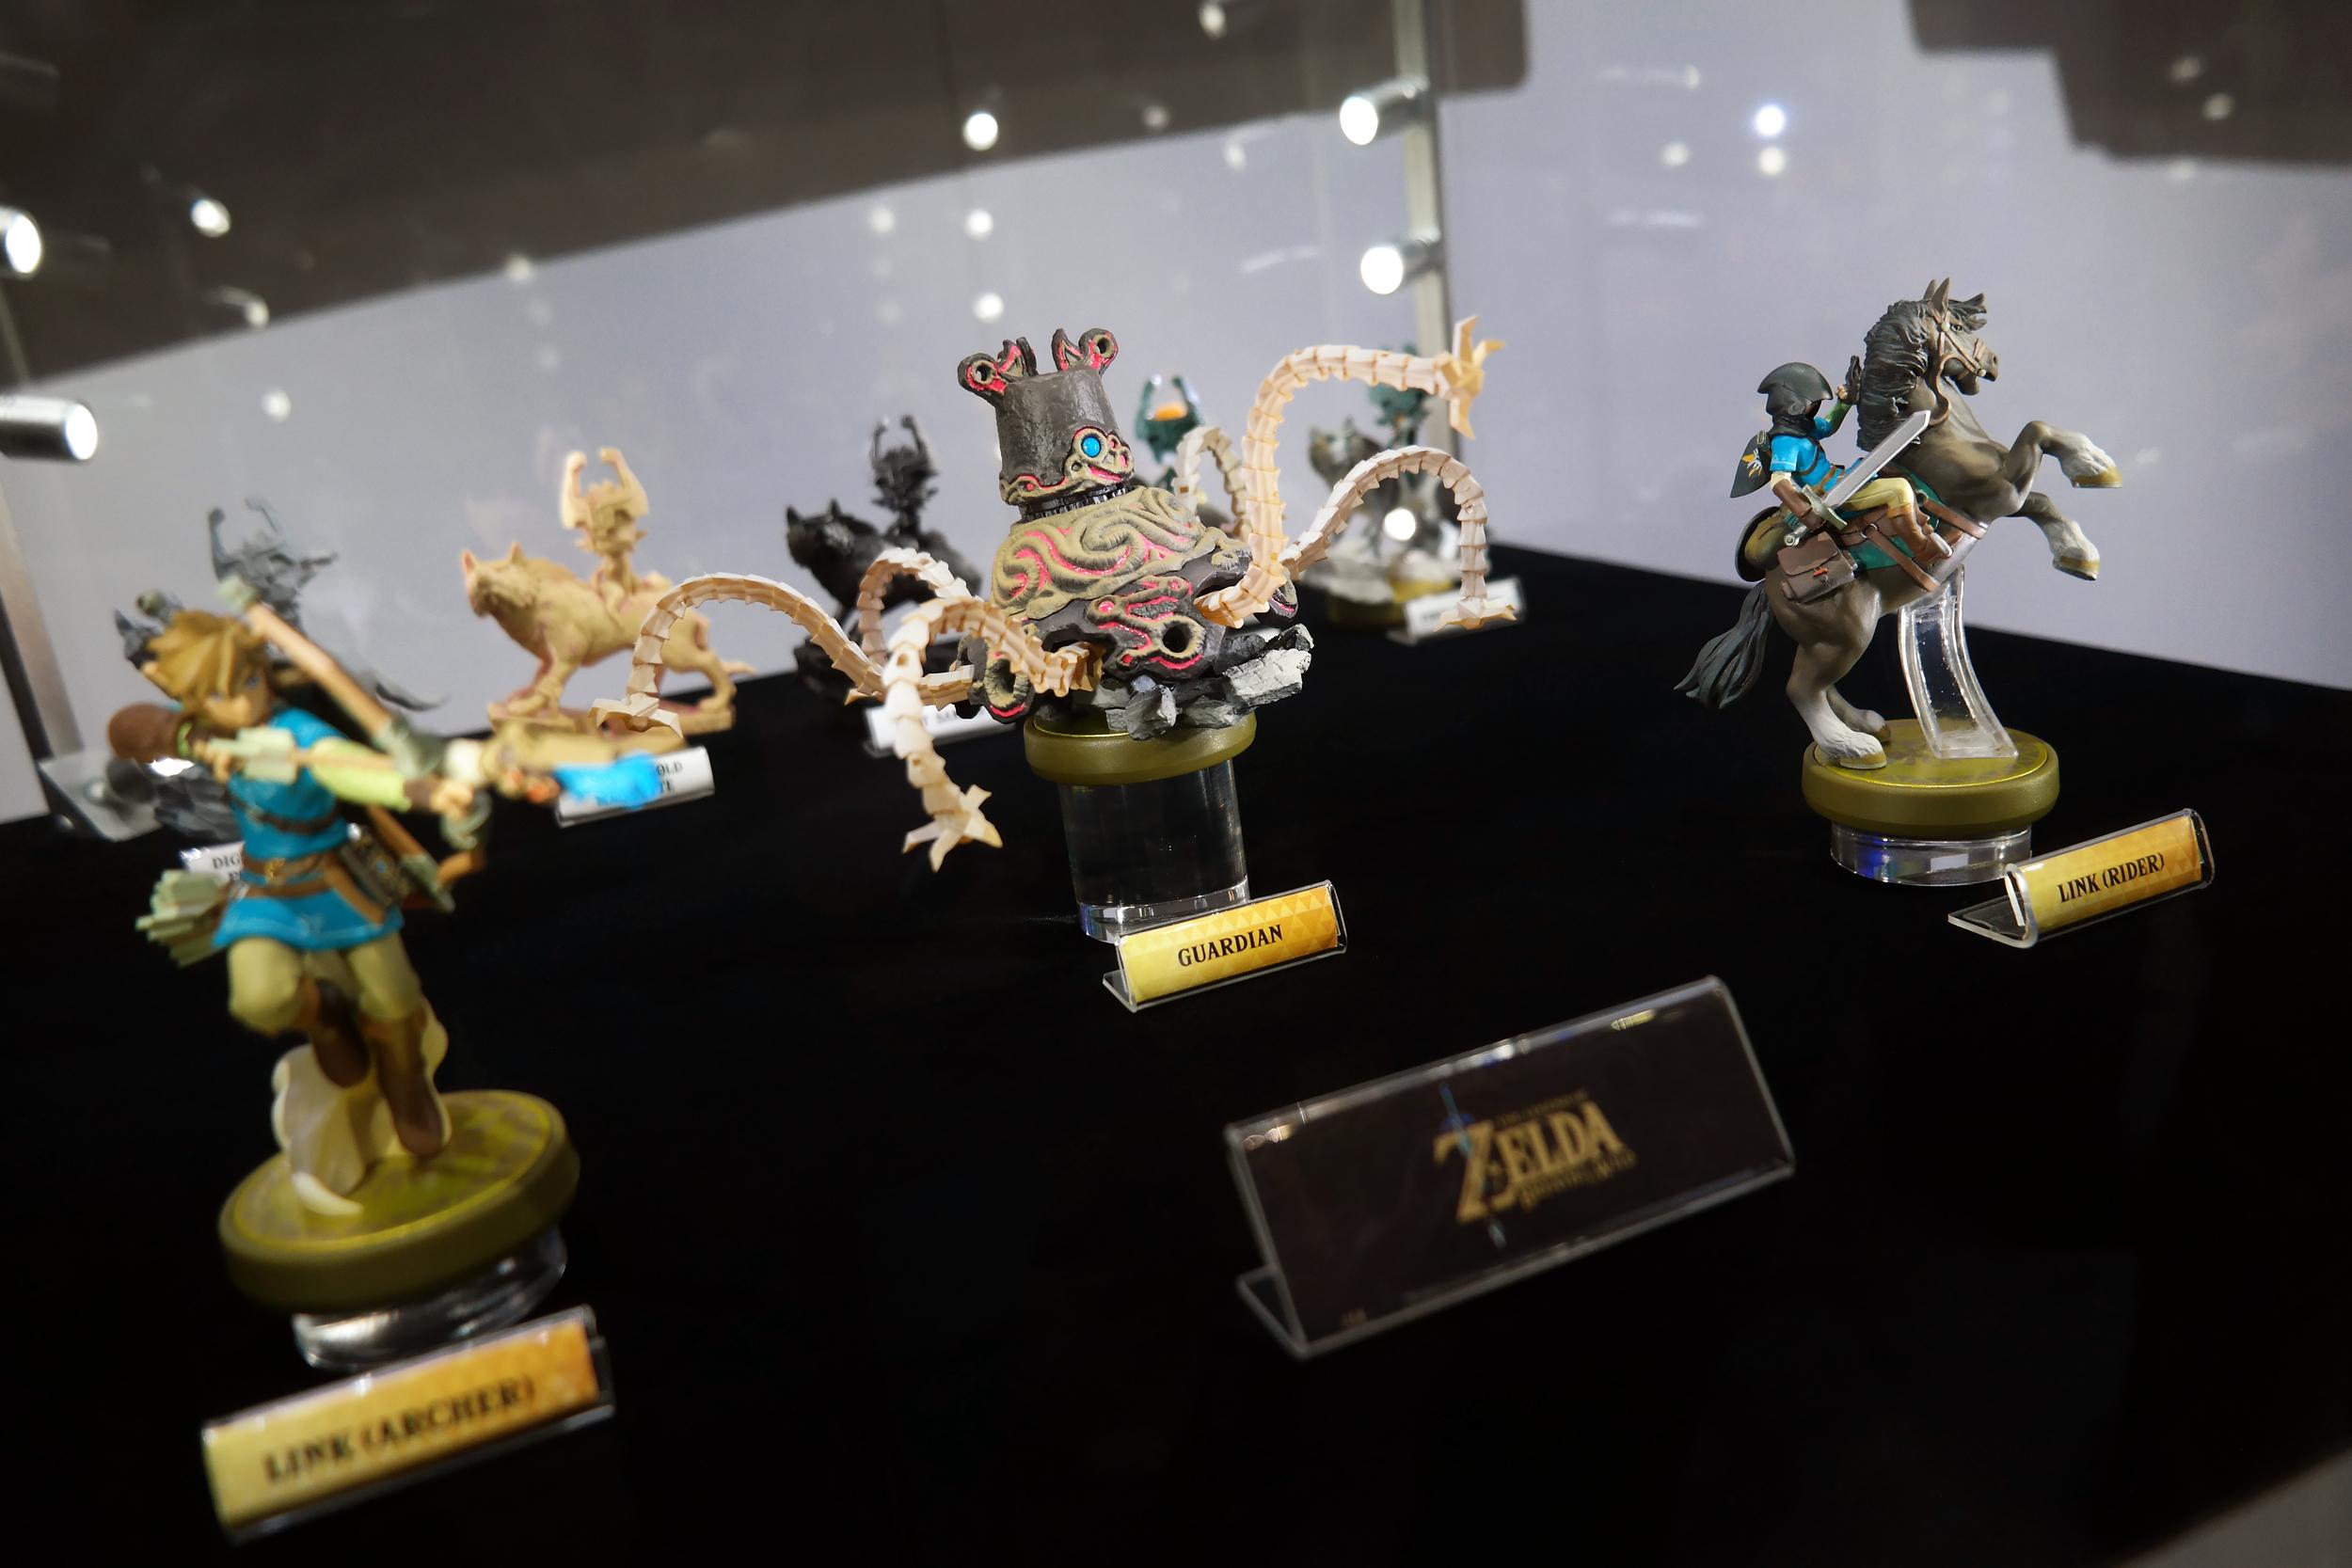 New Zelda Amiibo 1.jpg